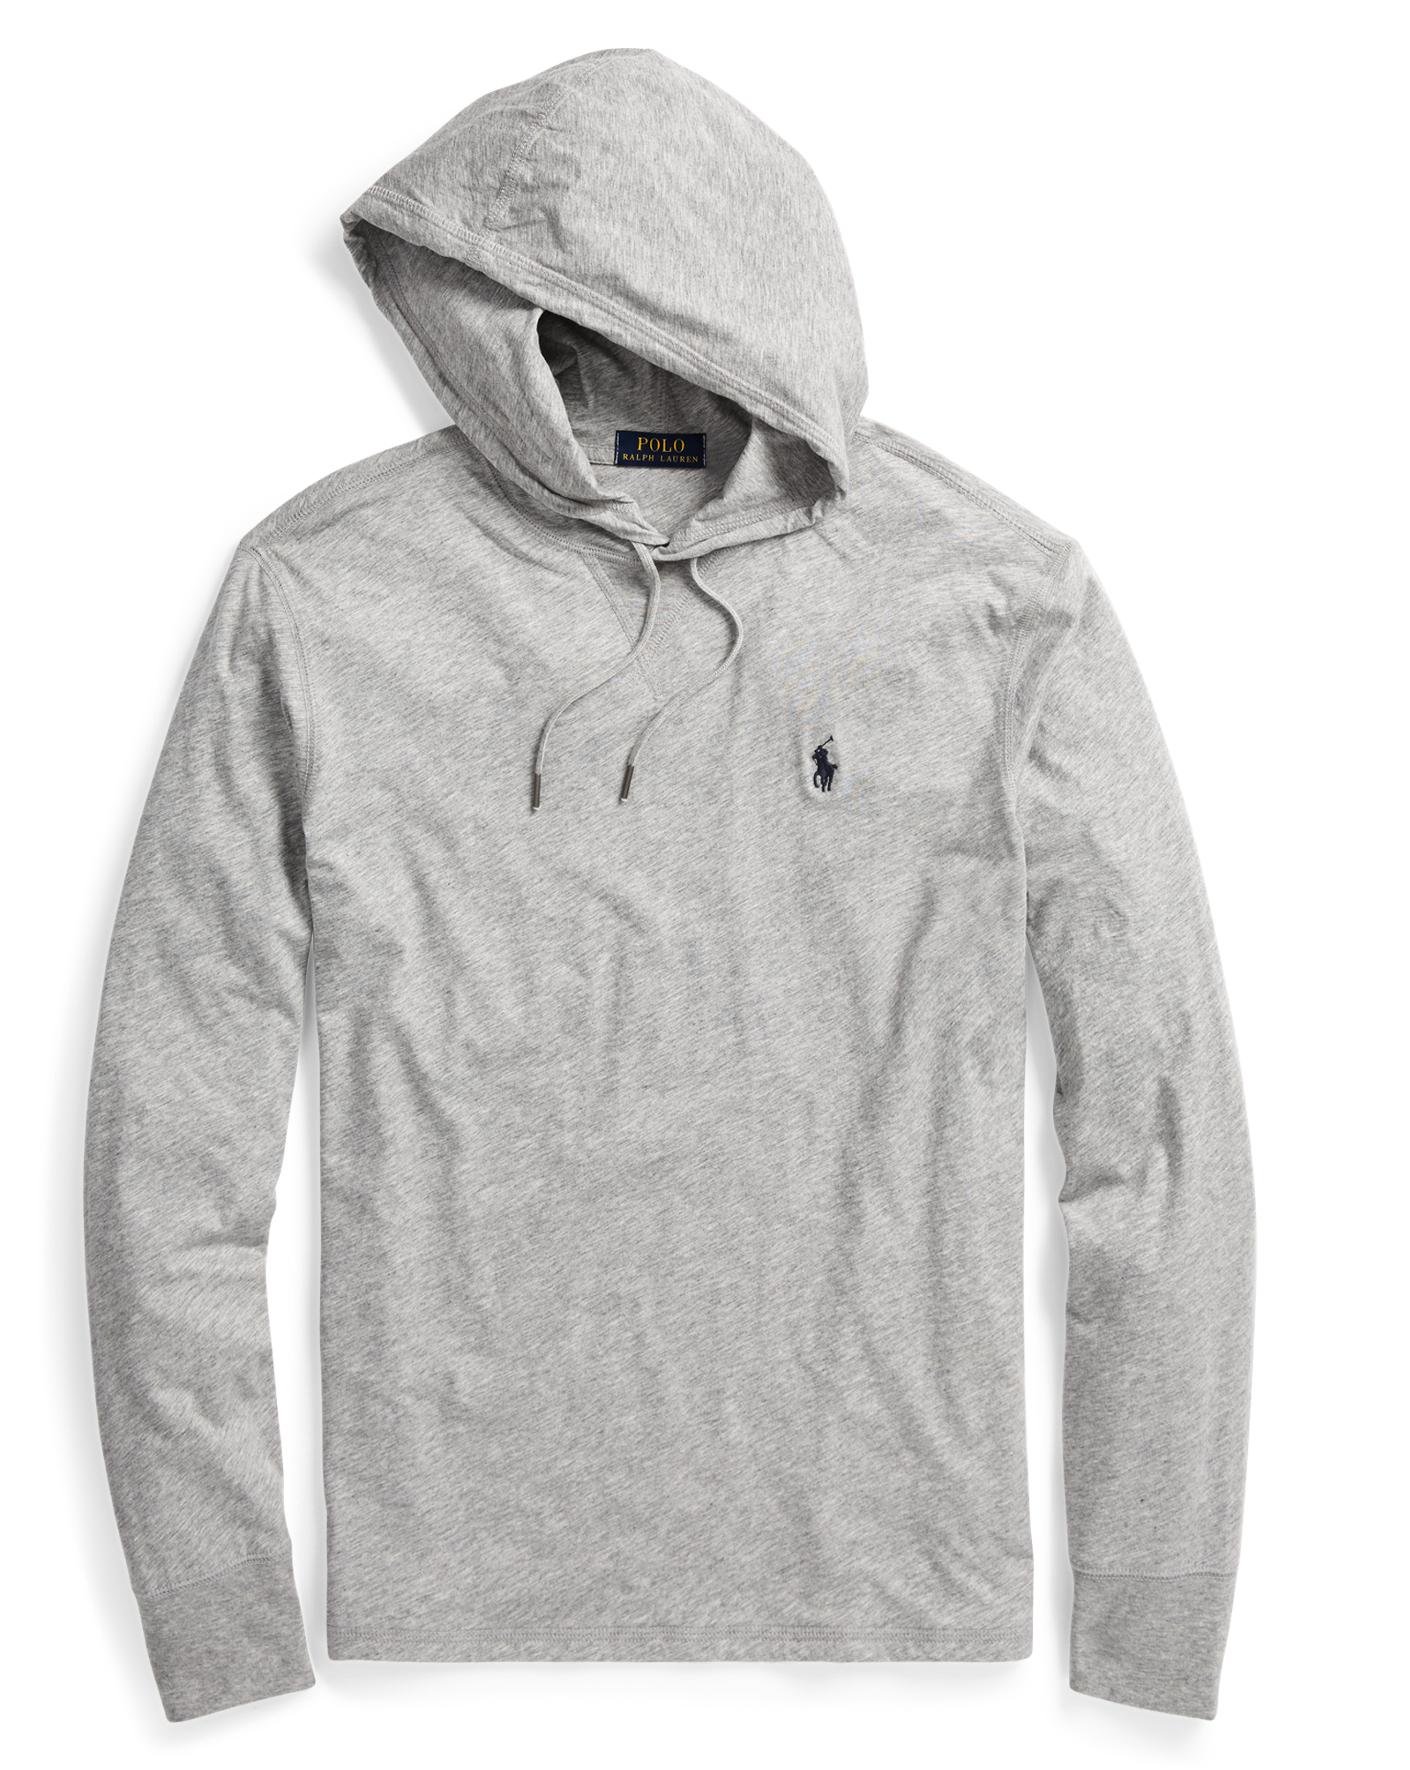 Ralph lauren hoodies